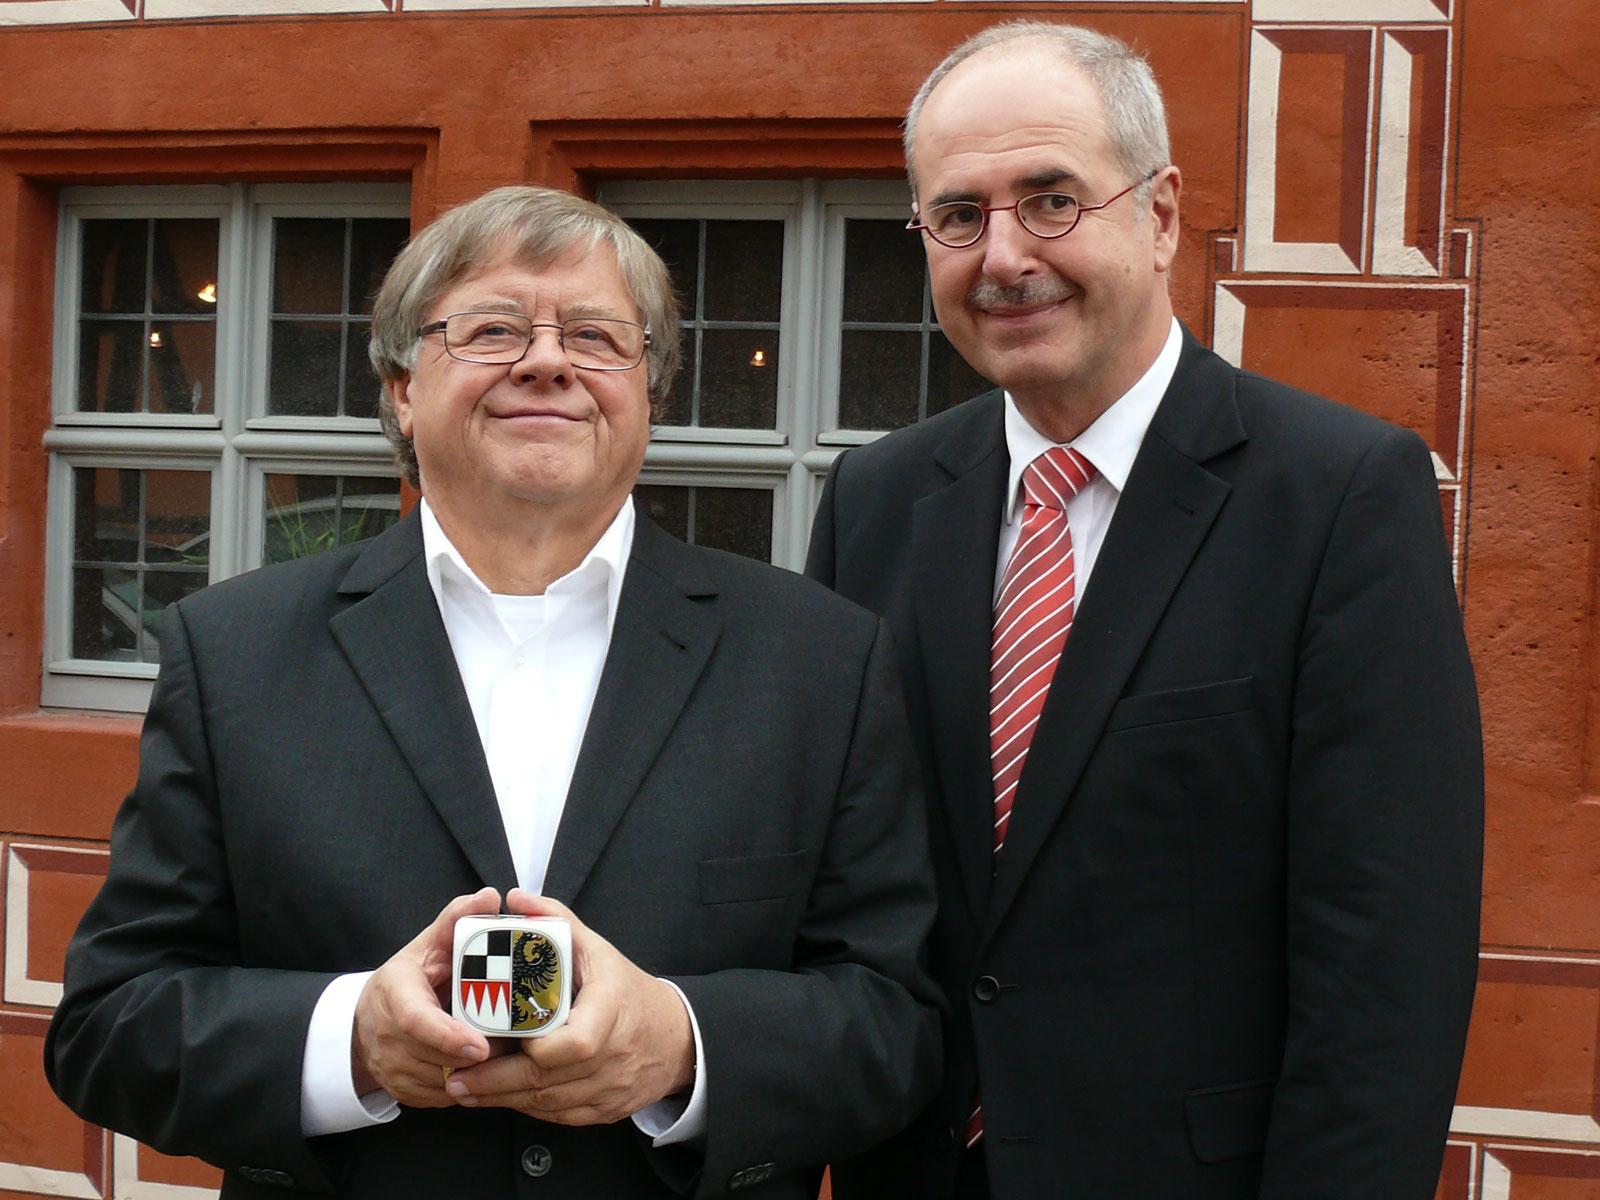 Verleihung des Frankenwürfels 2013 in Bad Windsheim